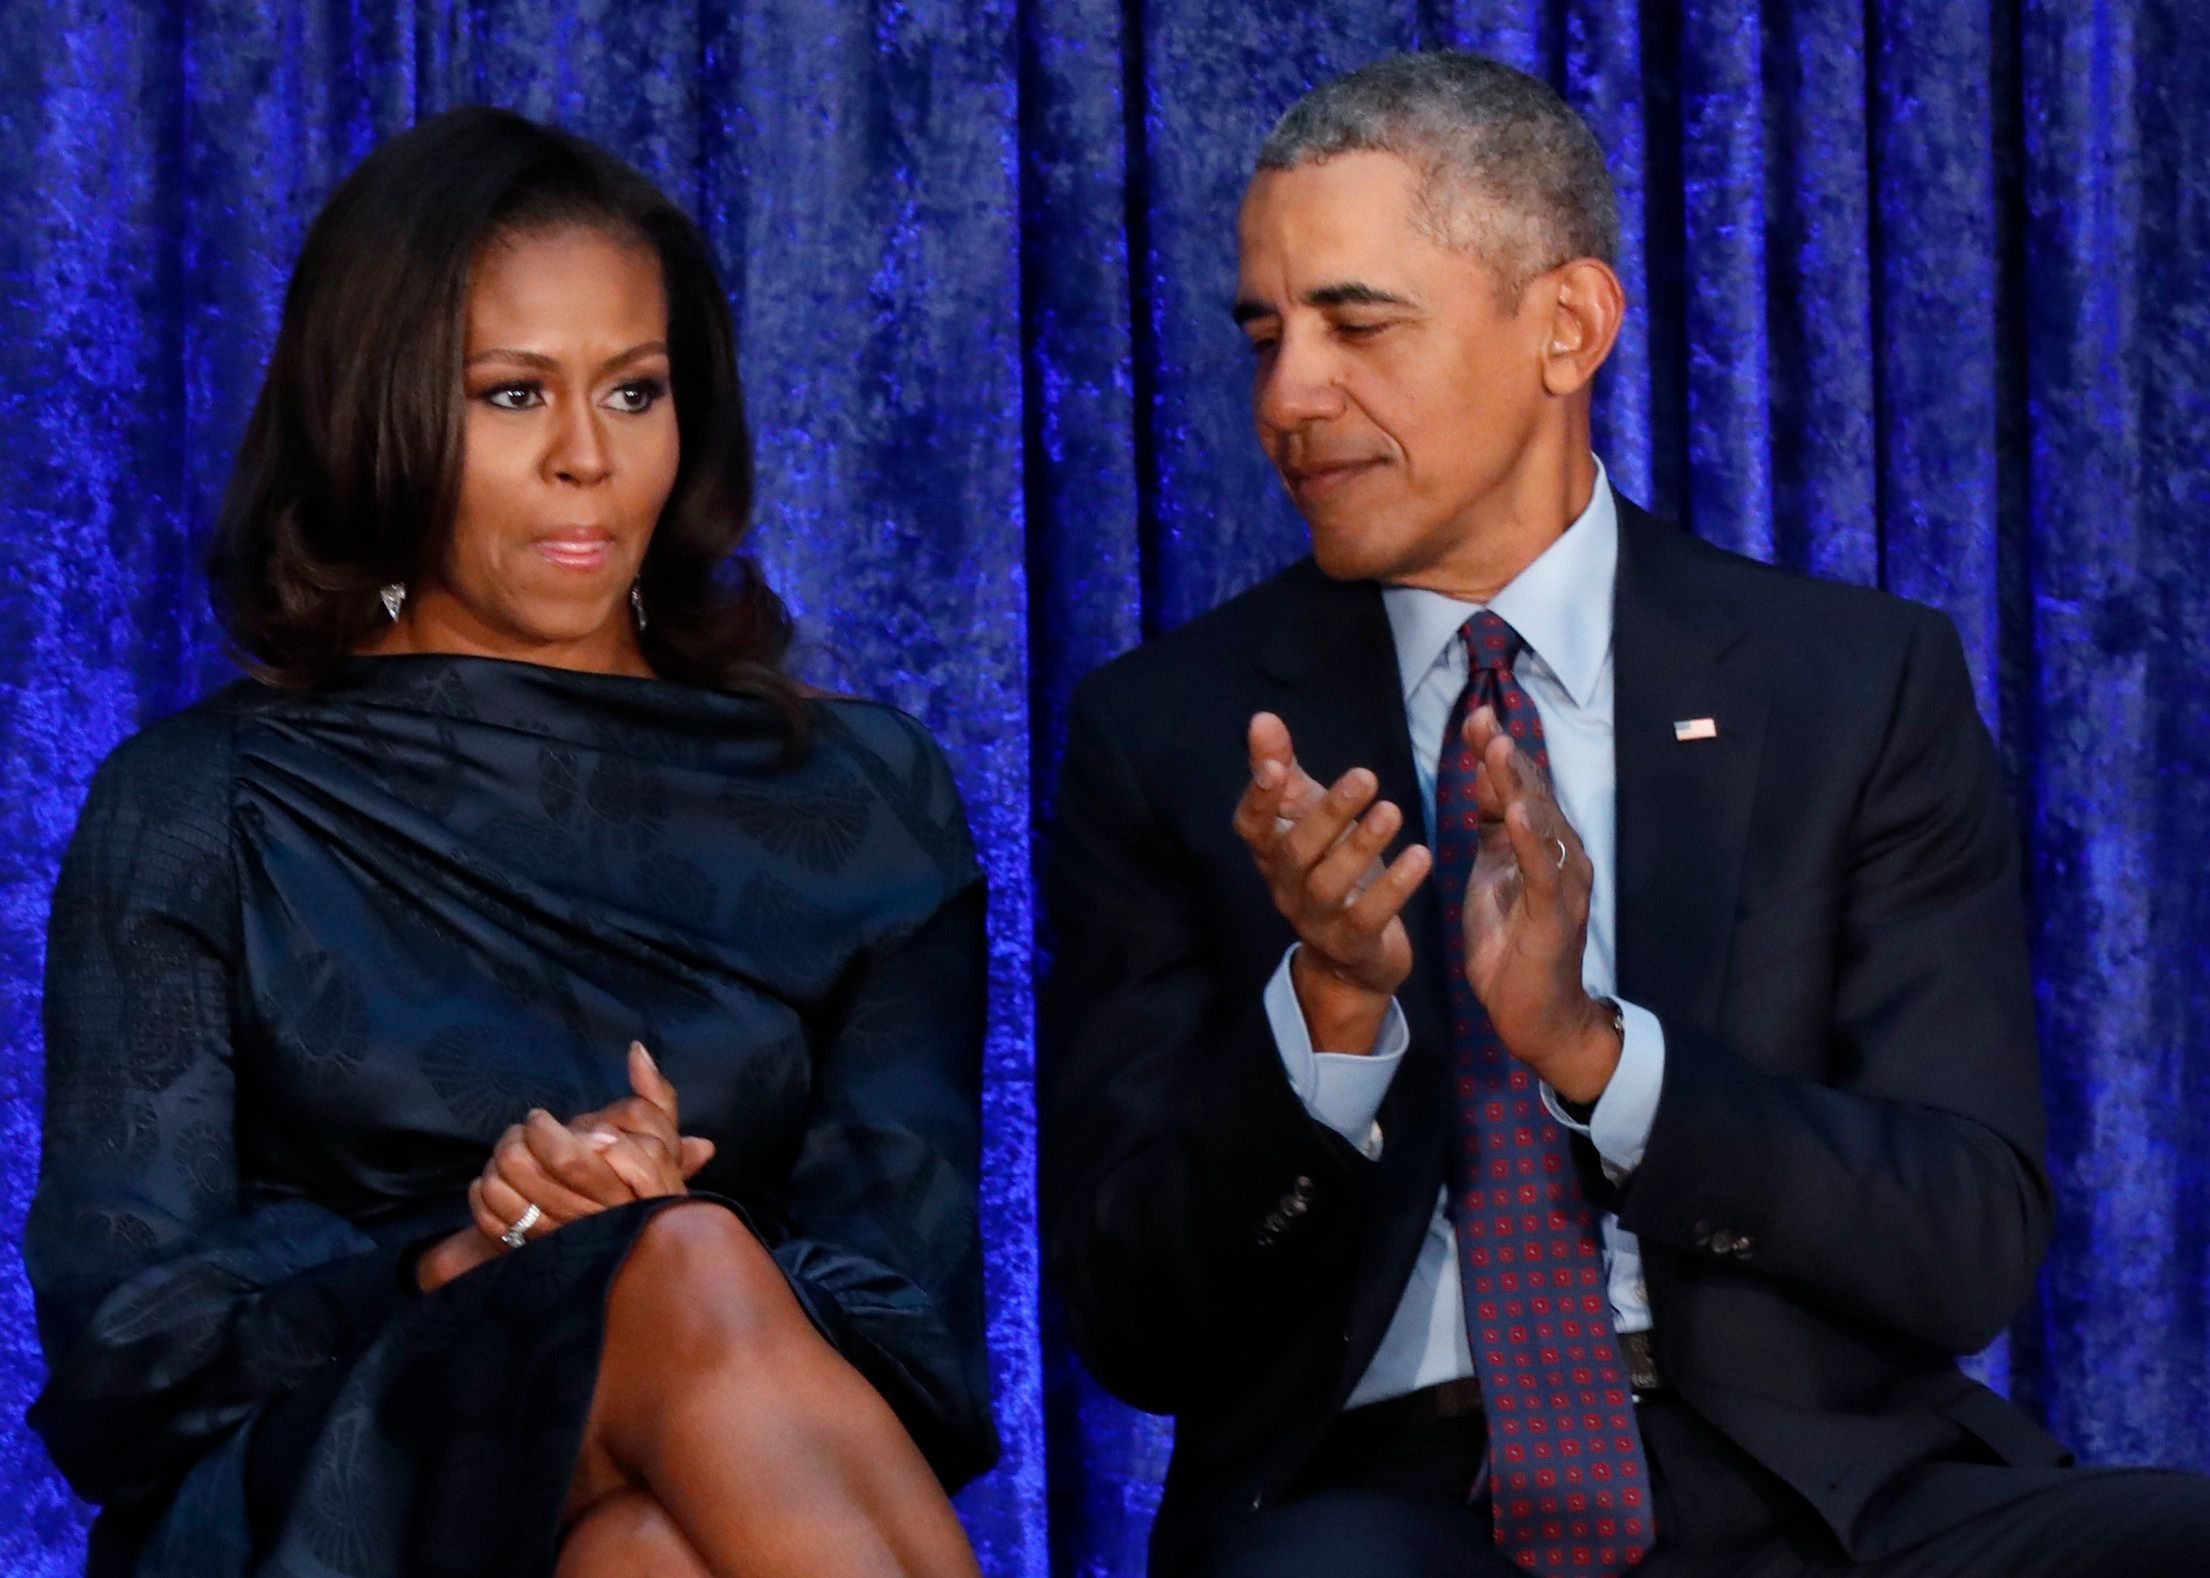 Μπαράκ και Μισέλ Ομπάμα σε ρόλο τηλεοπτικών παρουσιαστών: Ετοιμάζουν εκπομπές για το Netflix